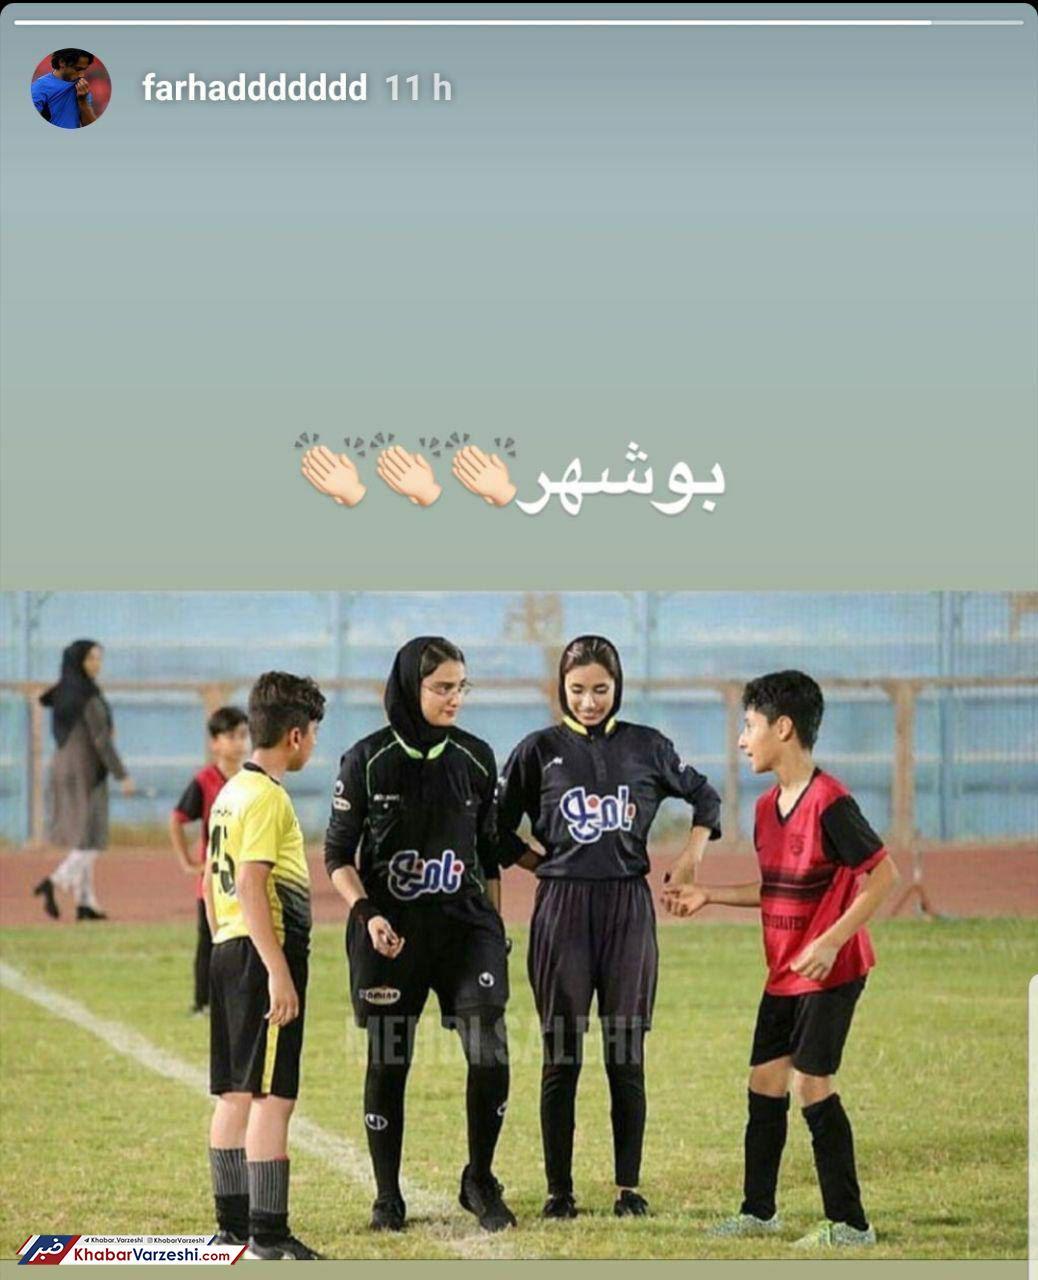 عکس -  تمجید فرهاد مجیدی از قضاوت زنان در فوتبال پسران